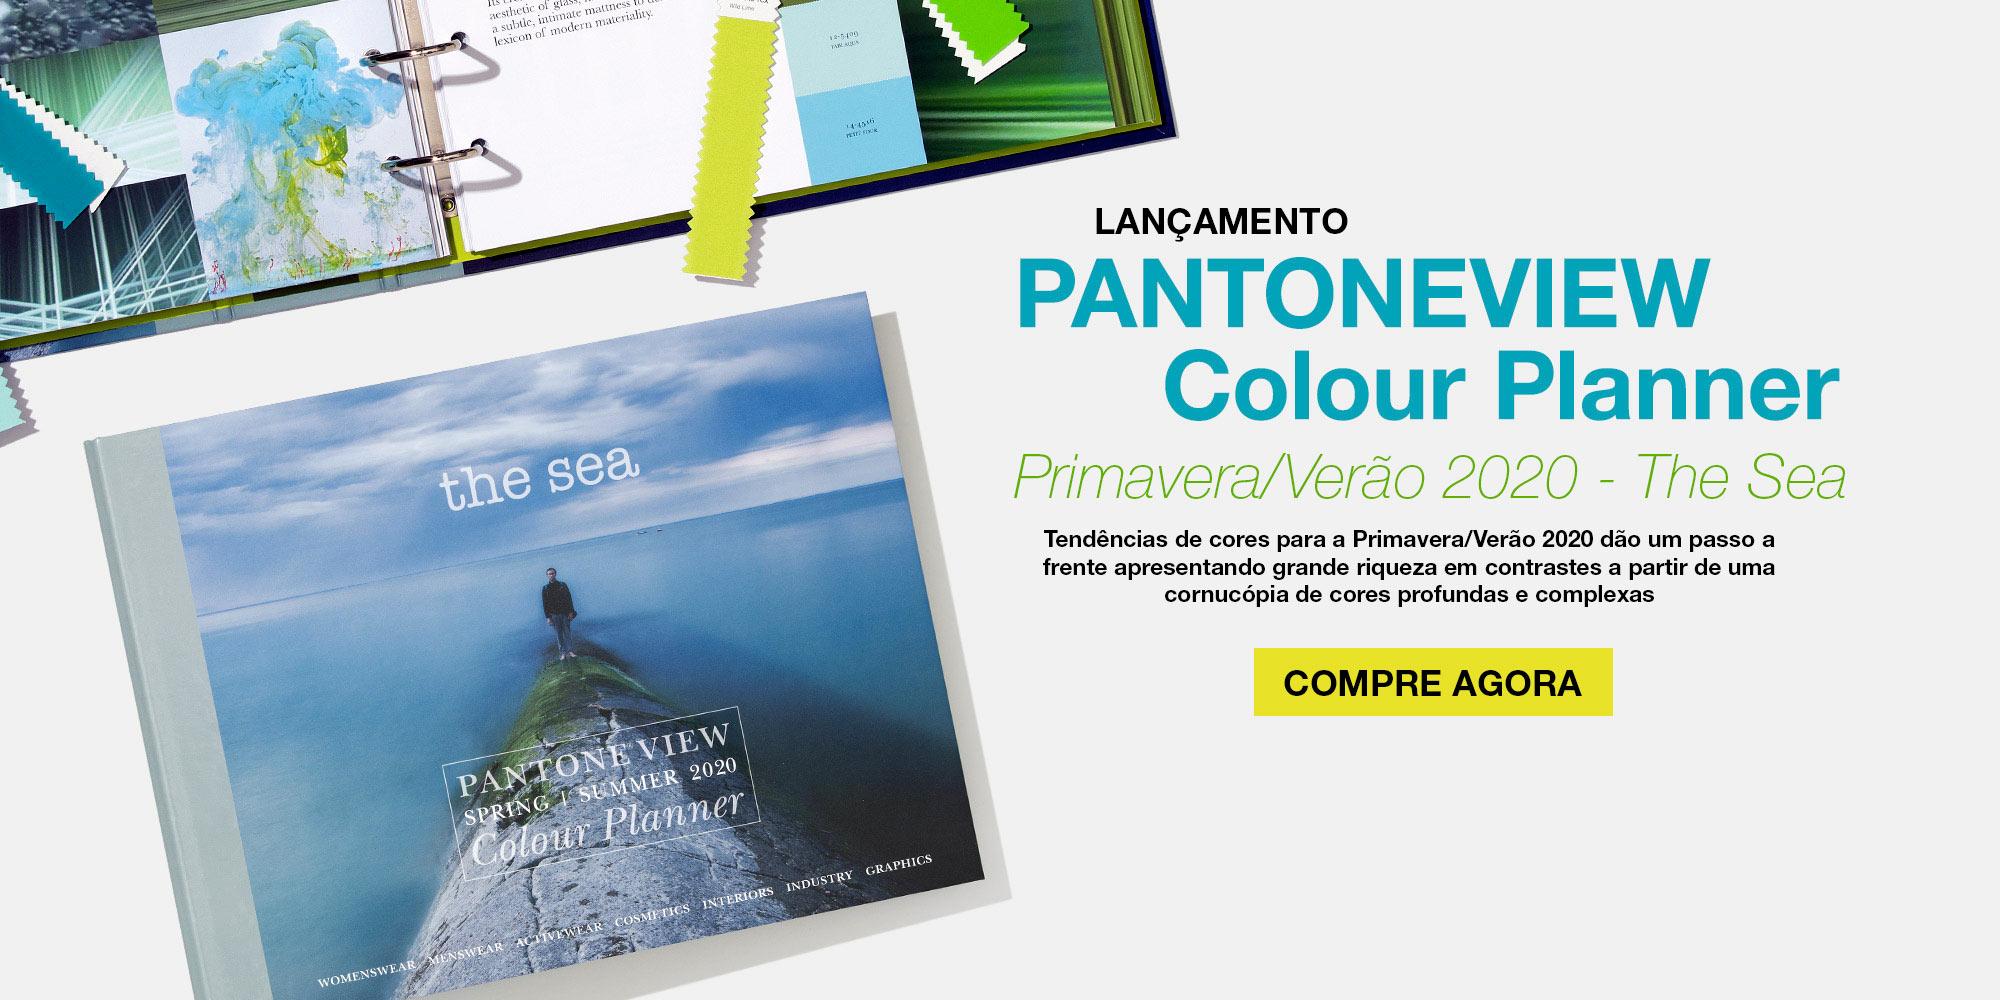 Pantoneview Colour Planner - Primavera/Verão 2020